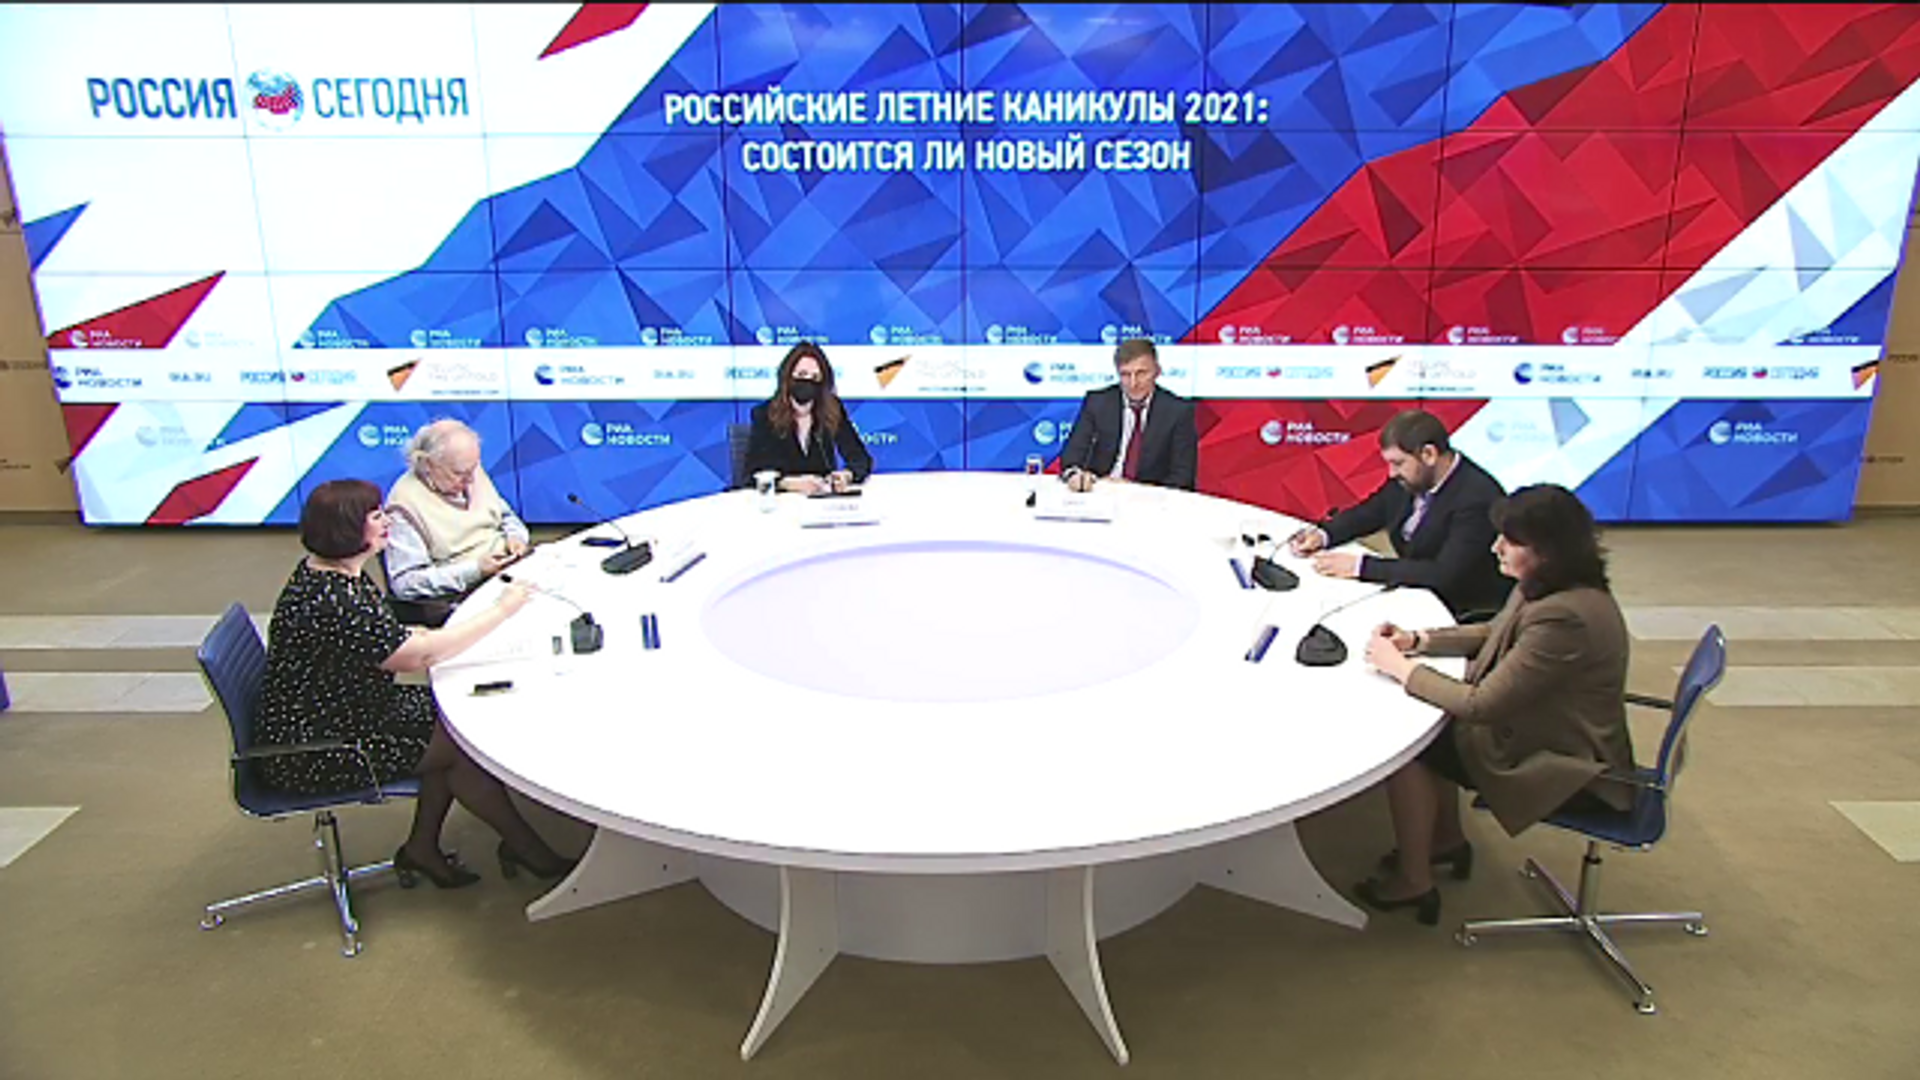 Российские летние каникулы 2021: состоится ли новый сезон - РИА Новости, 1920, 05.04.2021